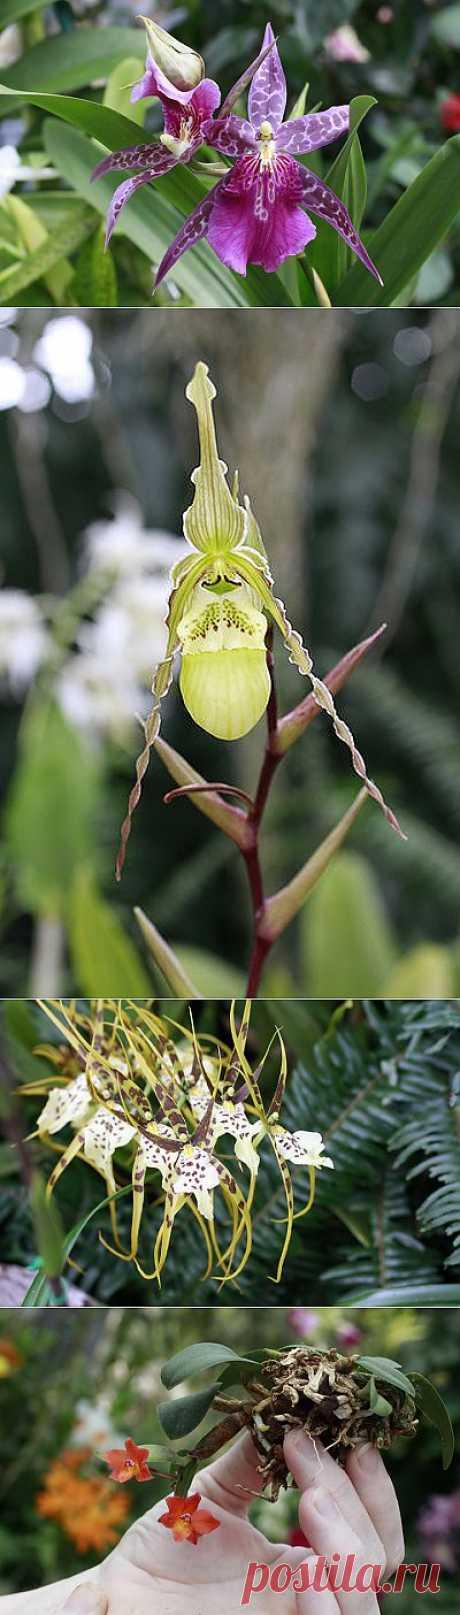 Выставка орхидей в США | САД НА ПОДОКОННИКЕ